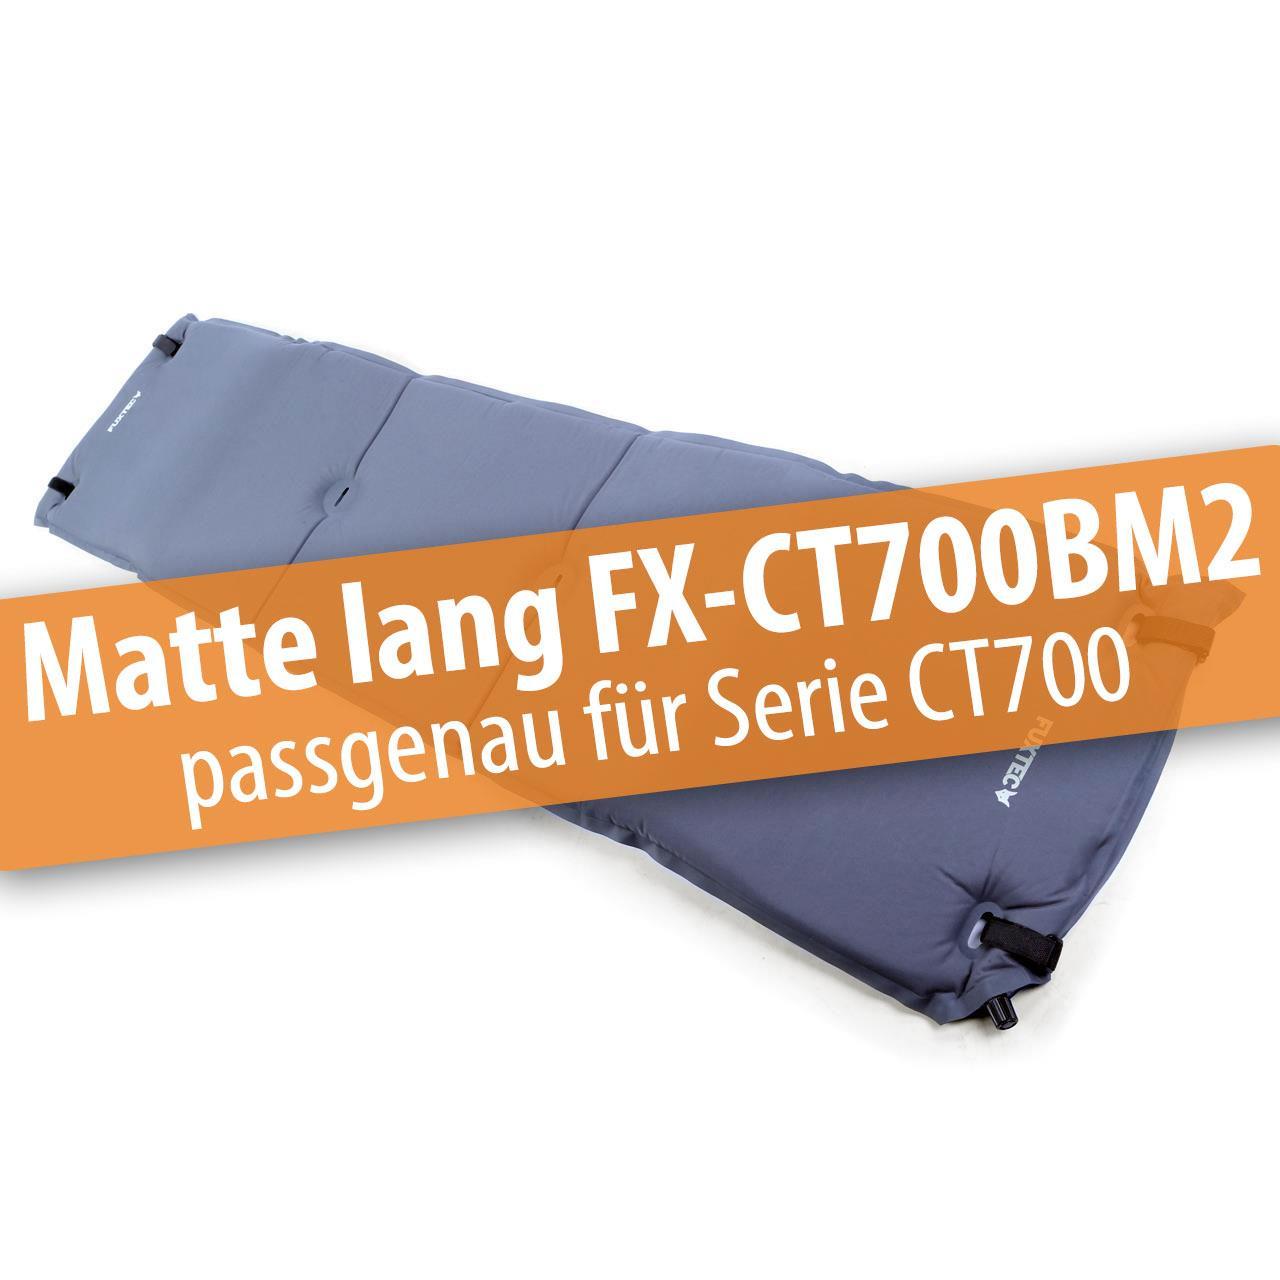 FUXTEC Bollerwagenmatte FX-CT700BM2 passend für Serie CT700 und CT800